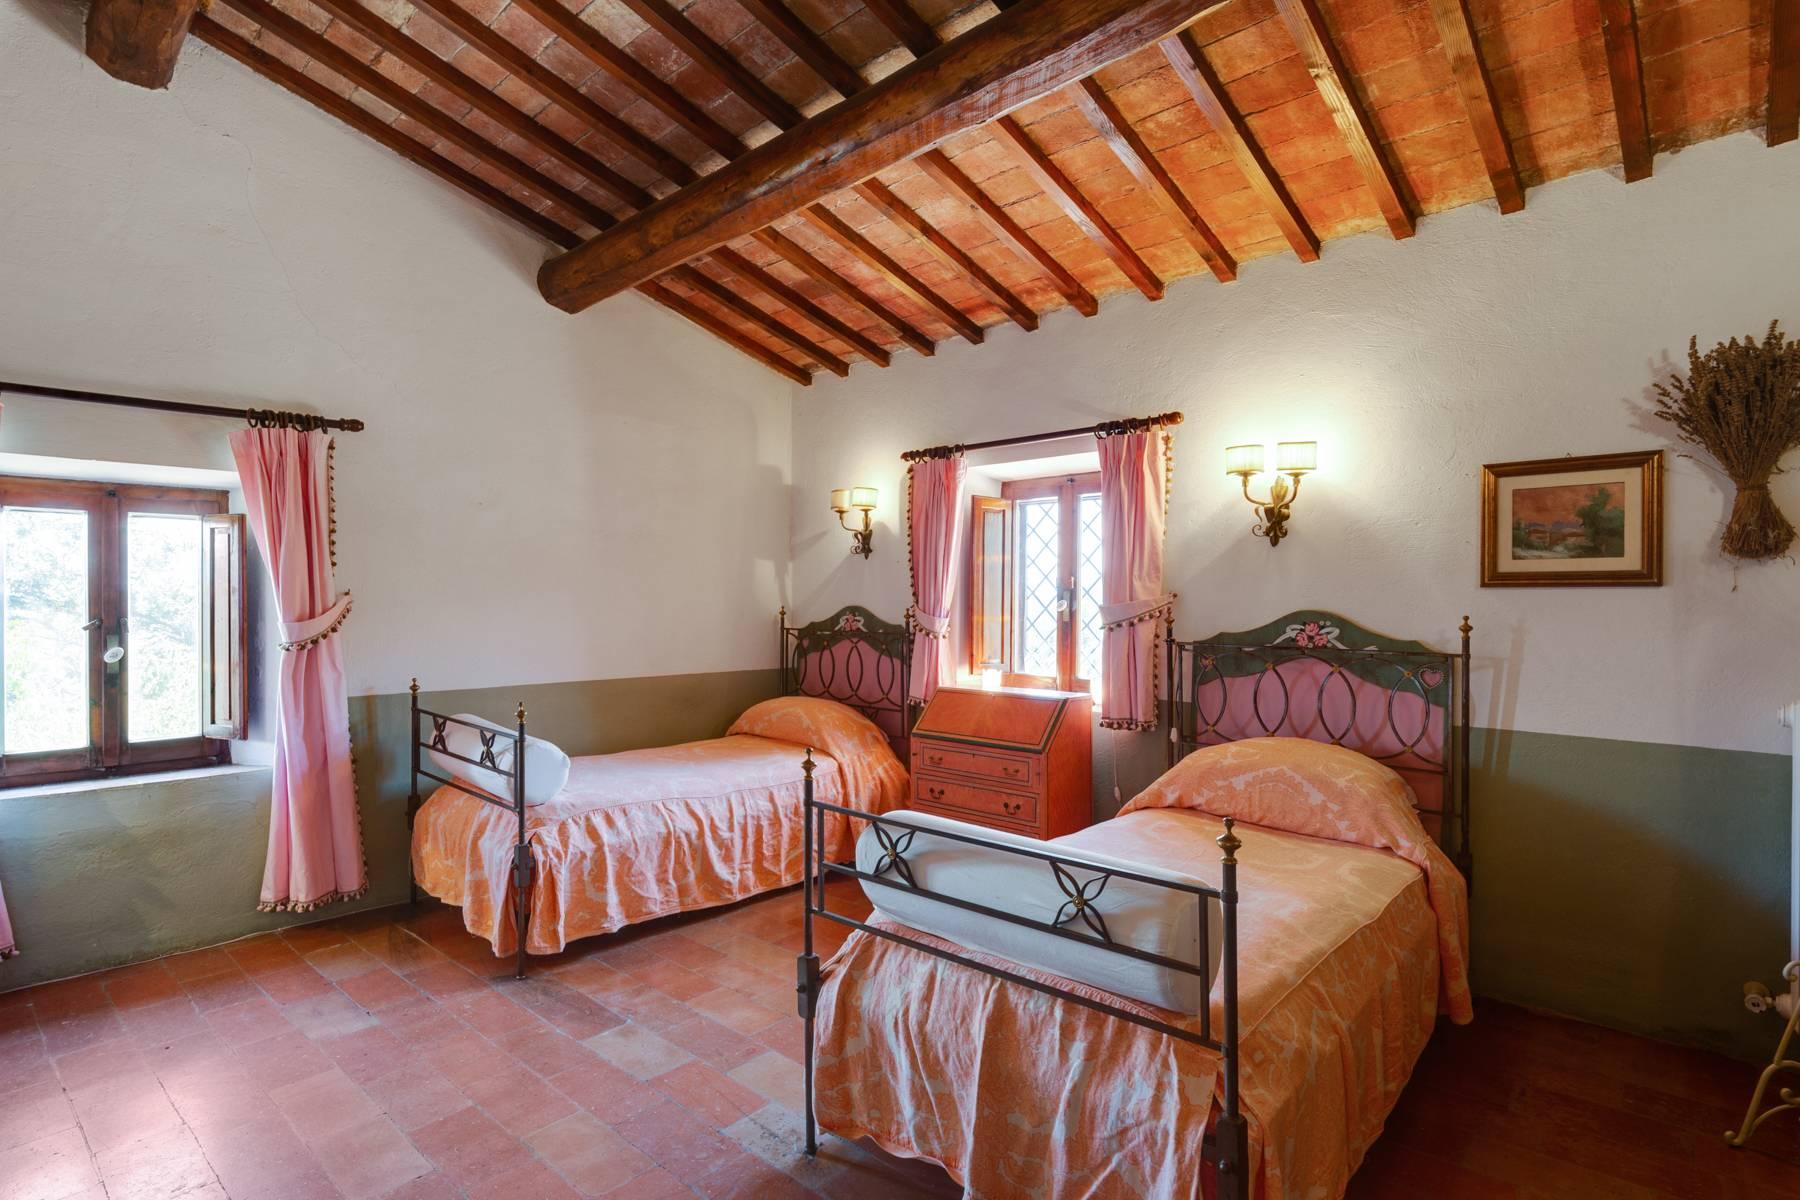 Rustico in Vendita a Orvieto: 5 locali, 484 mq - Foto 11